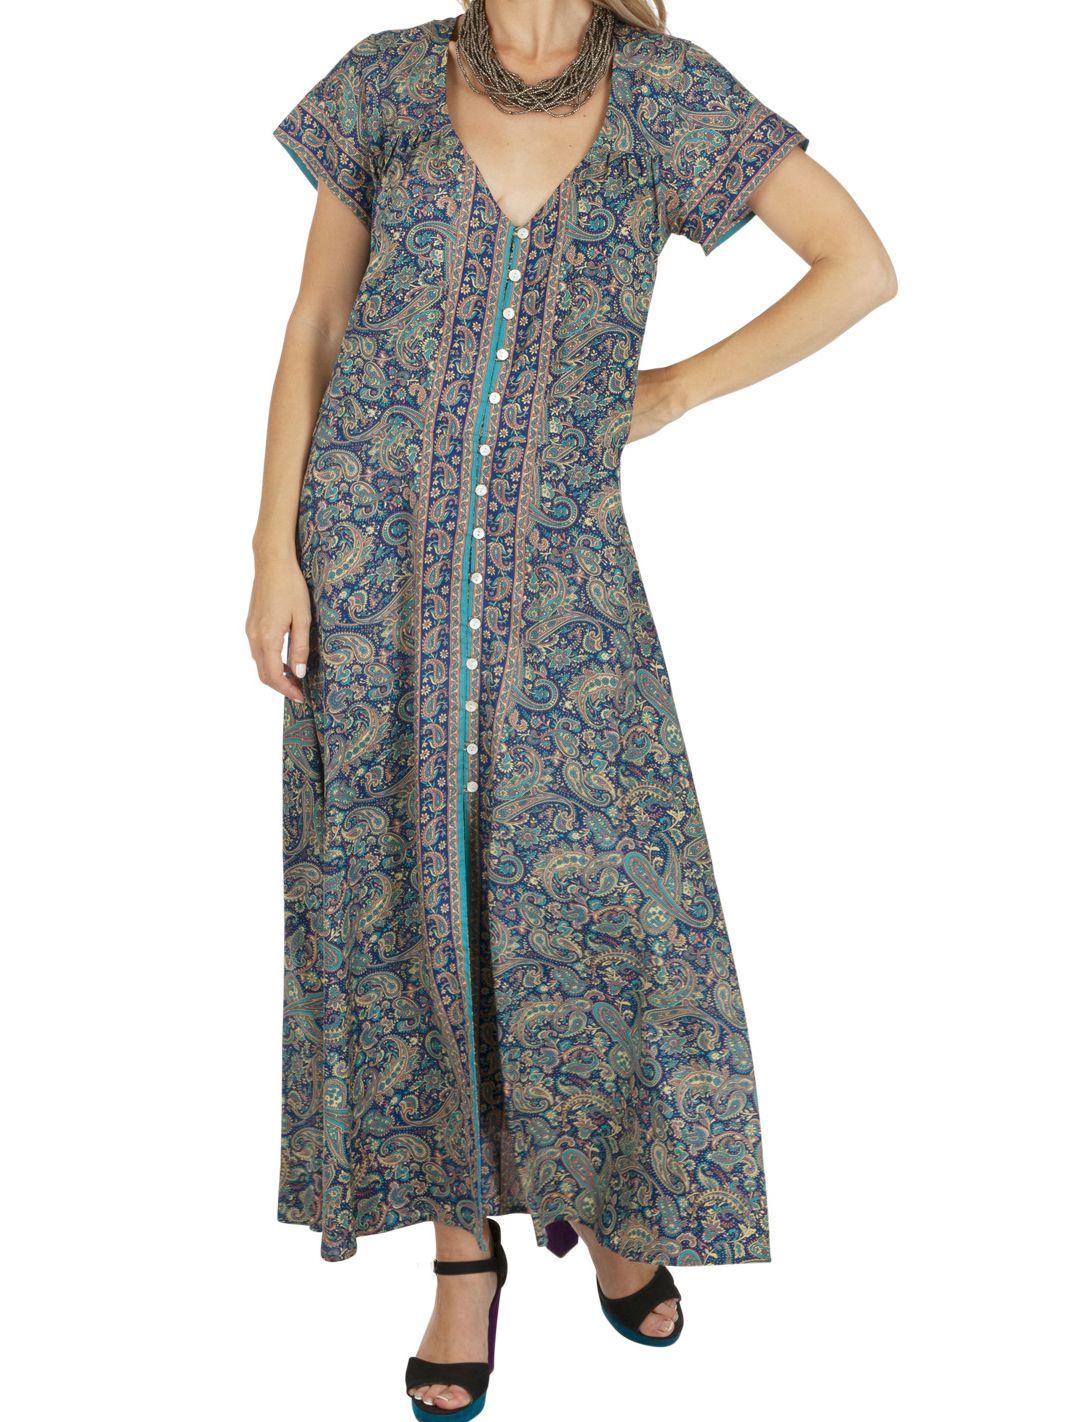 Robe Longue Ete Femme Bleue Ample Et Boheme Ethna